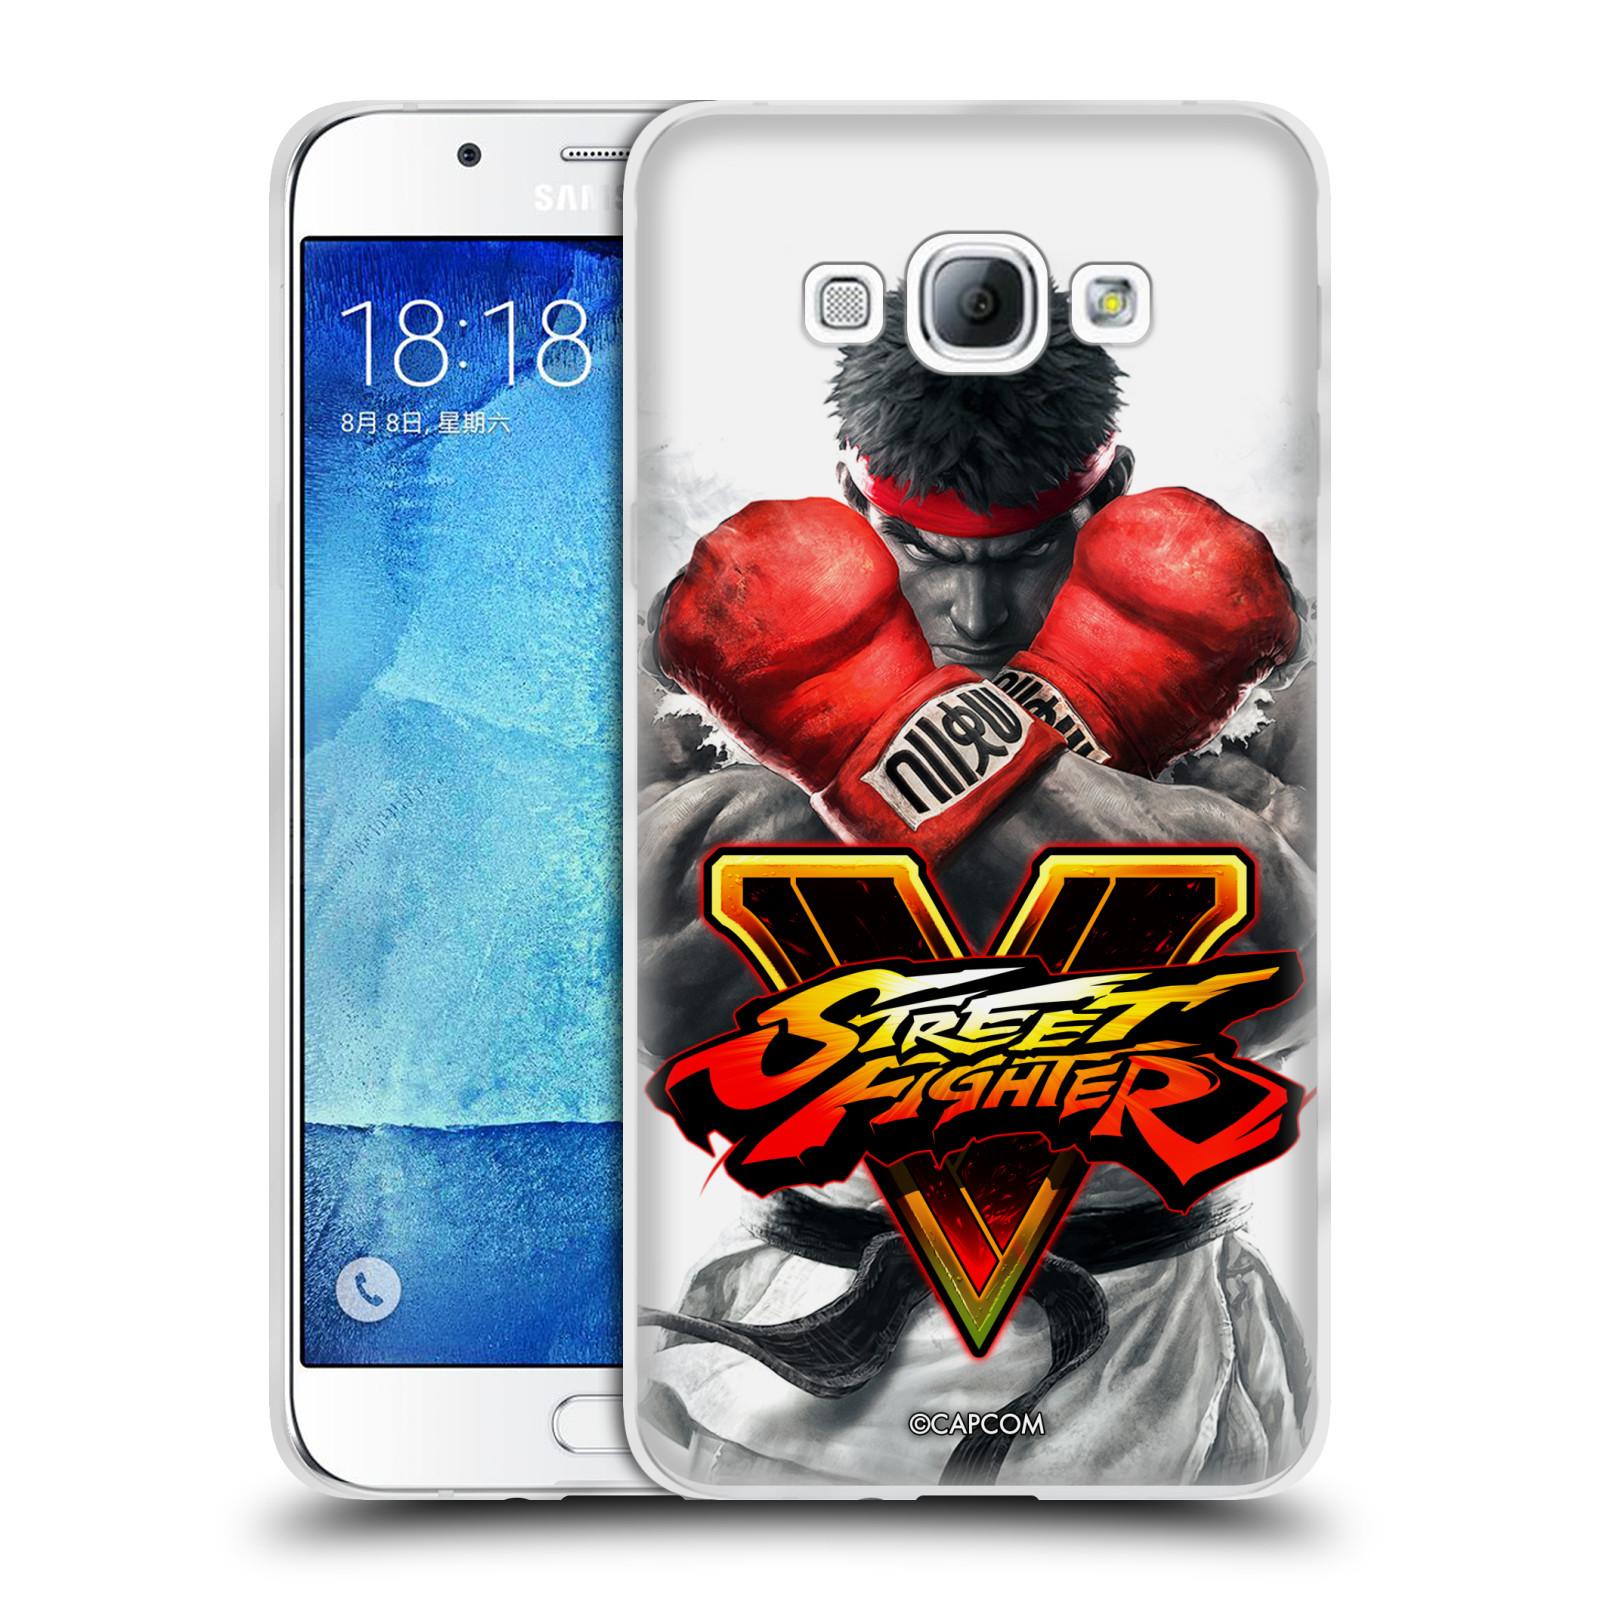 HEAD CASE silikonový obal na mobil Samsung Galaxy A8 2015 oficiální kryt STREET FIGHTER Boxer Ryu